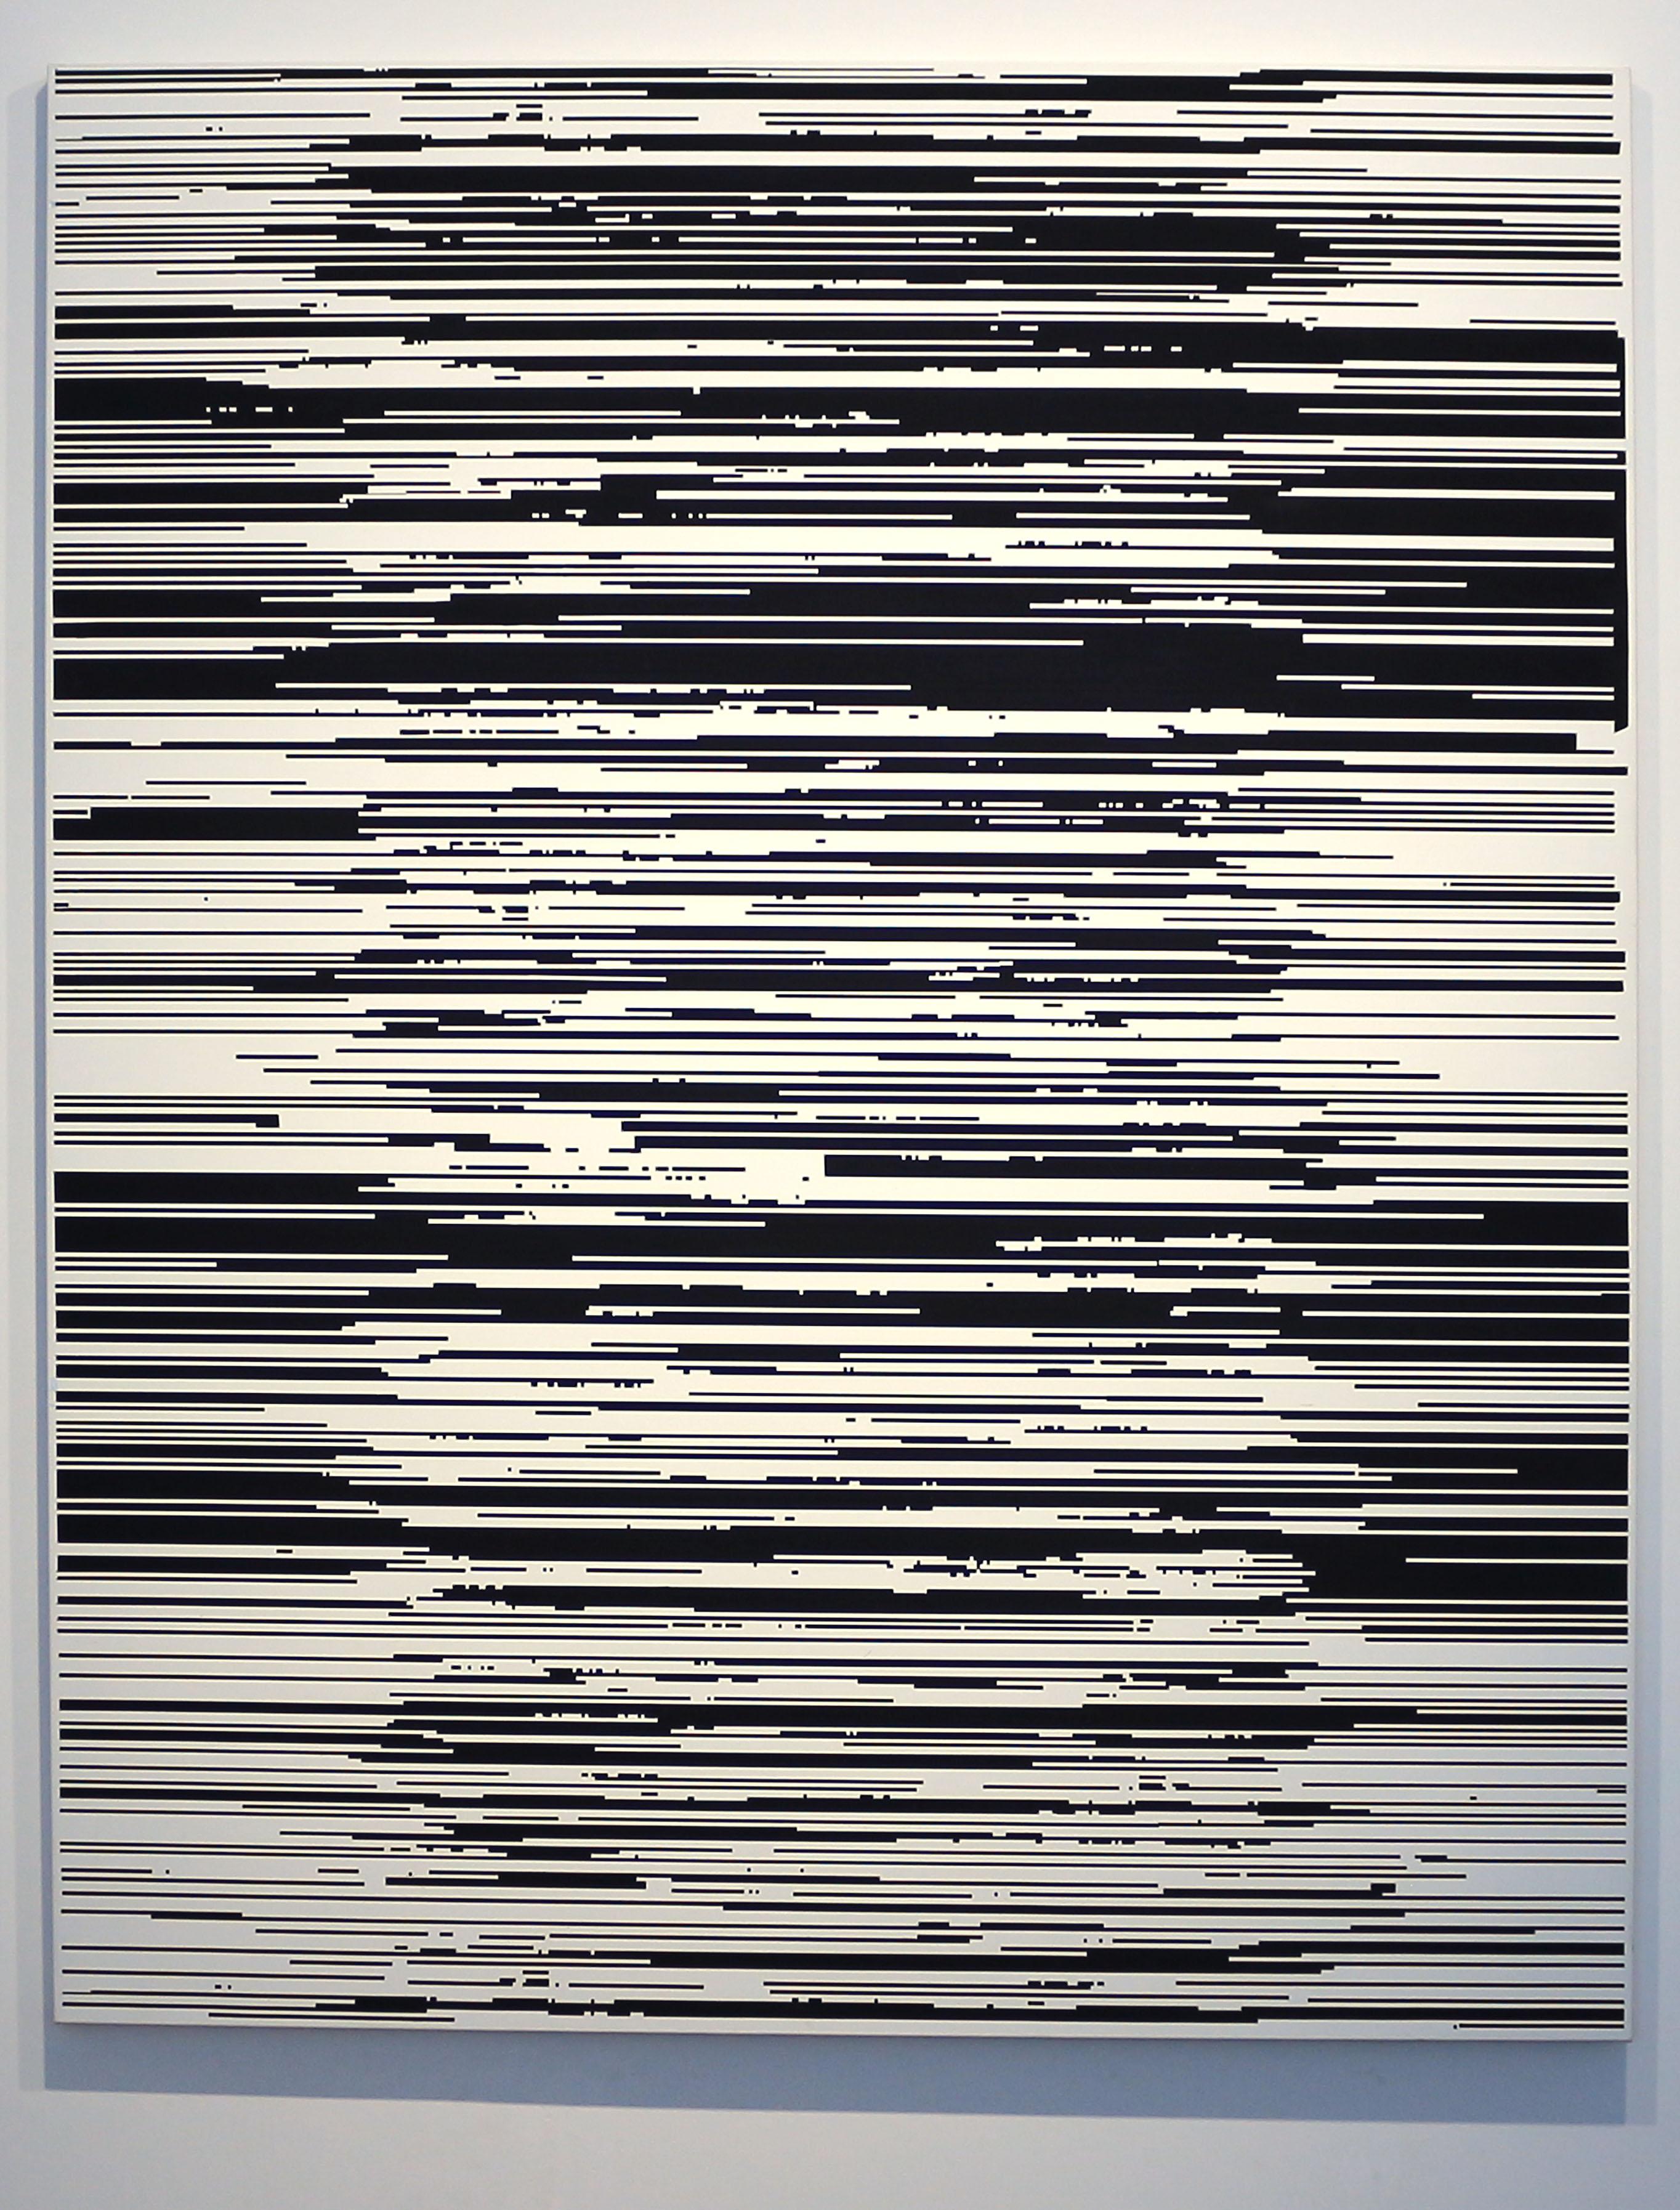 J. PARK_2016 Maze-201651247_Acrylic on canvas_162.2x130.3cm